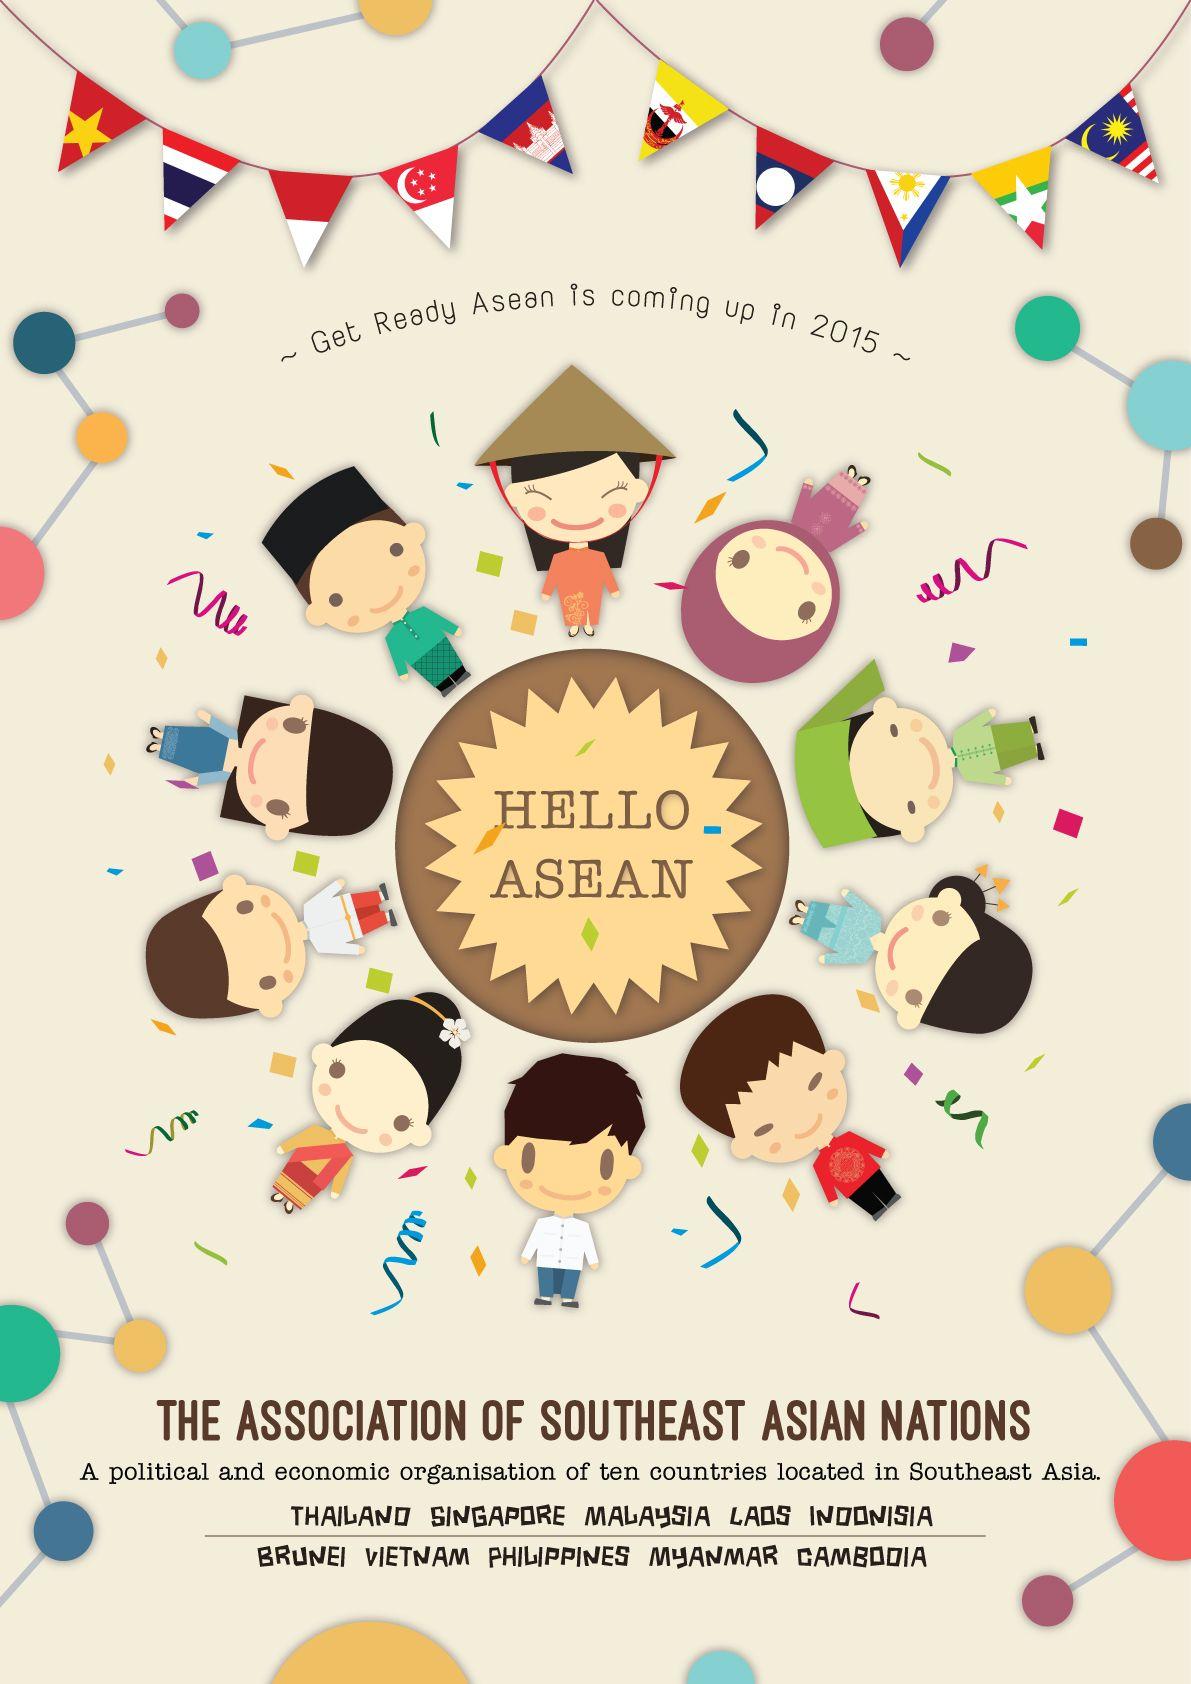 Hello Asean Poster Illustration By Boom Siddhichansen